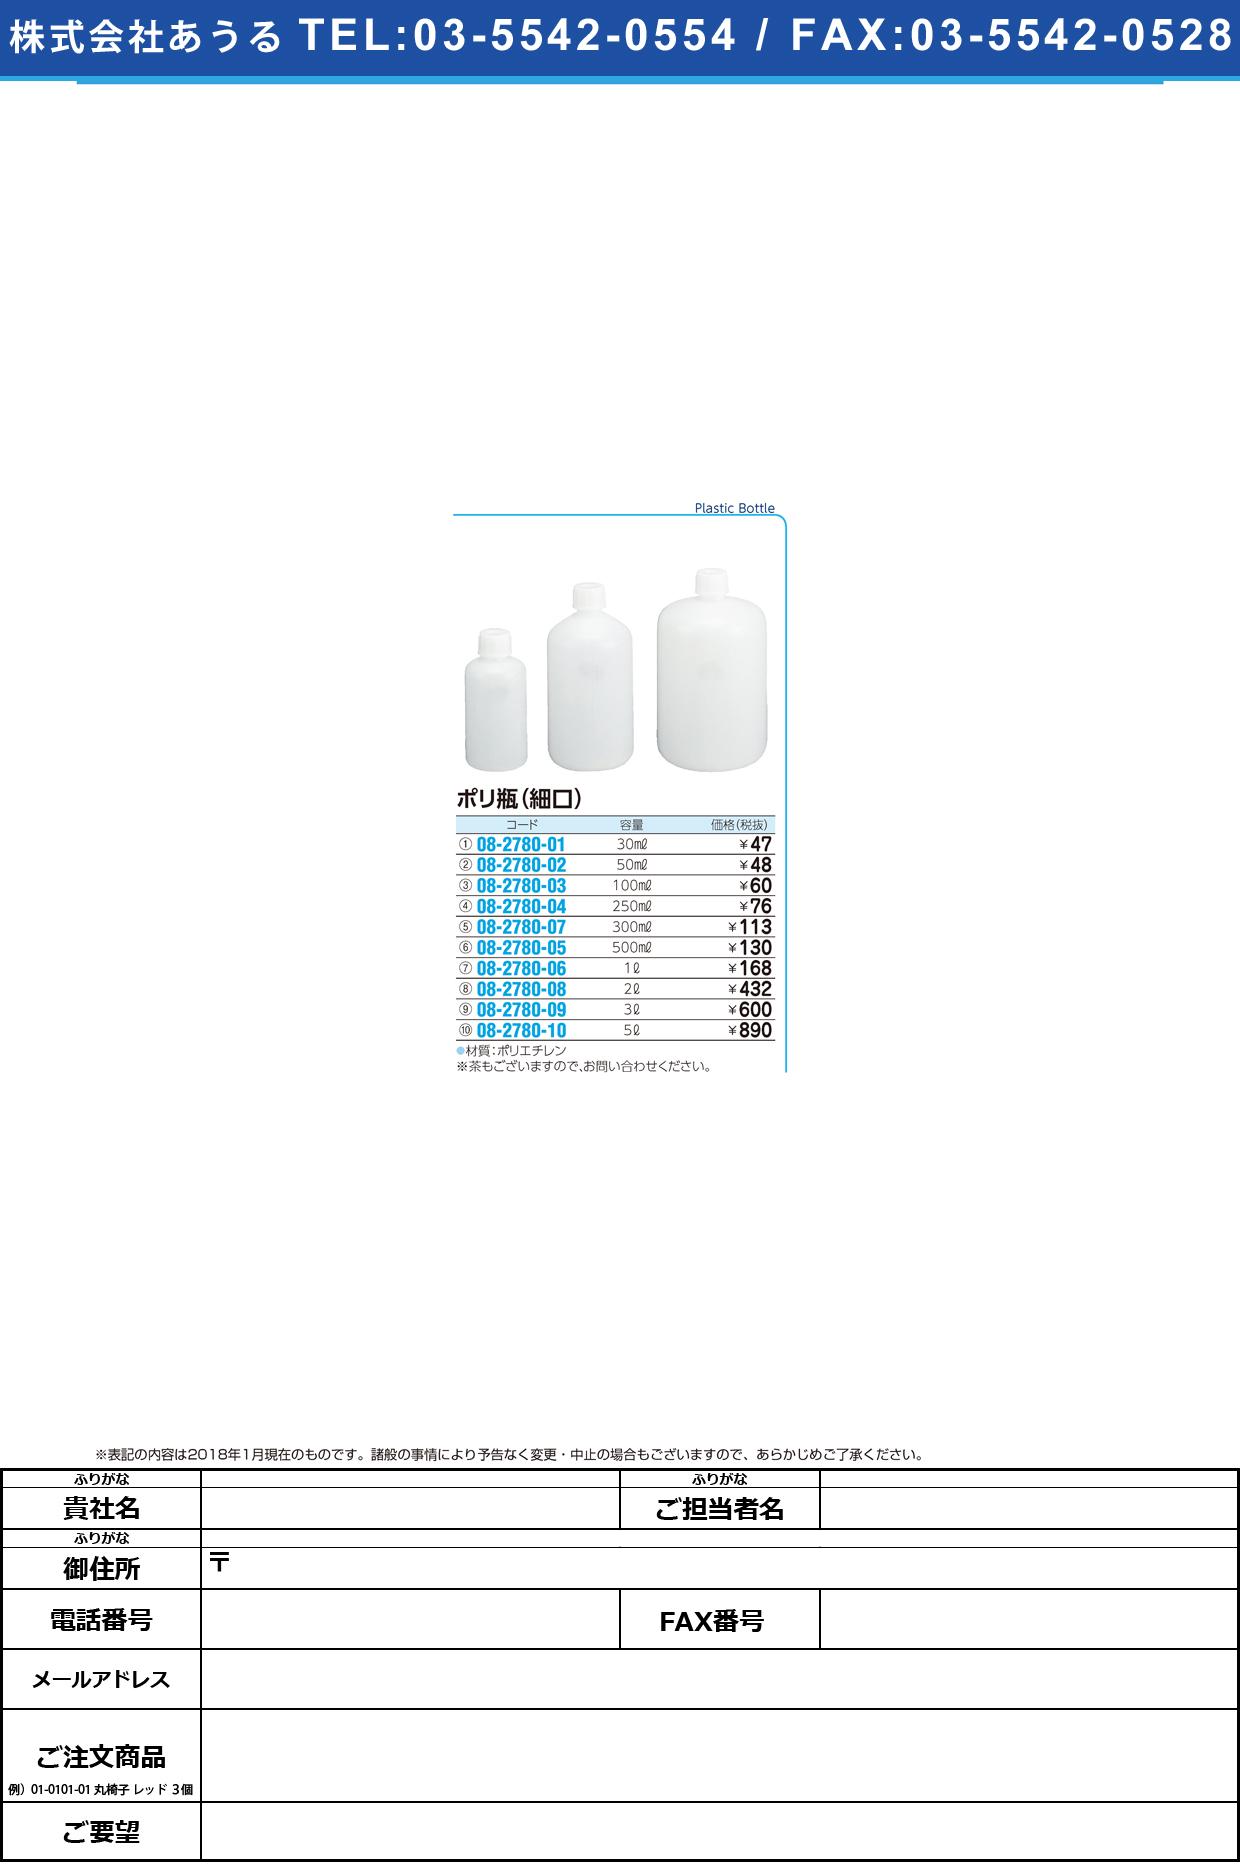 (08-2780-09)ポリ瓶(細口) 3L ポリビン【1本単位】【2018年カタログ商品】